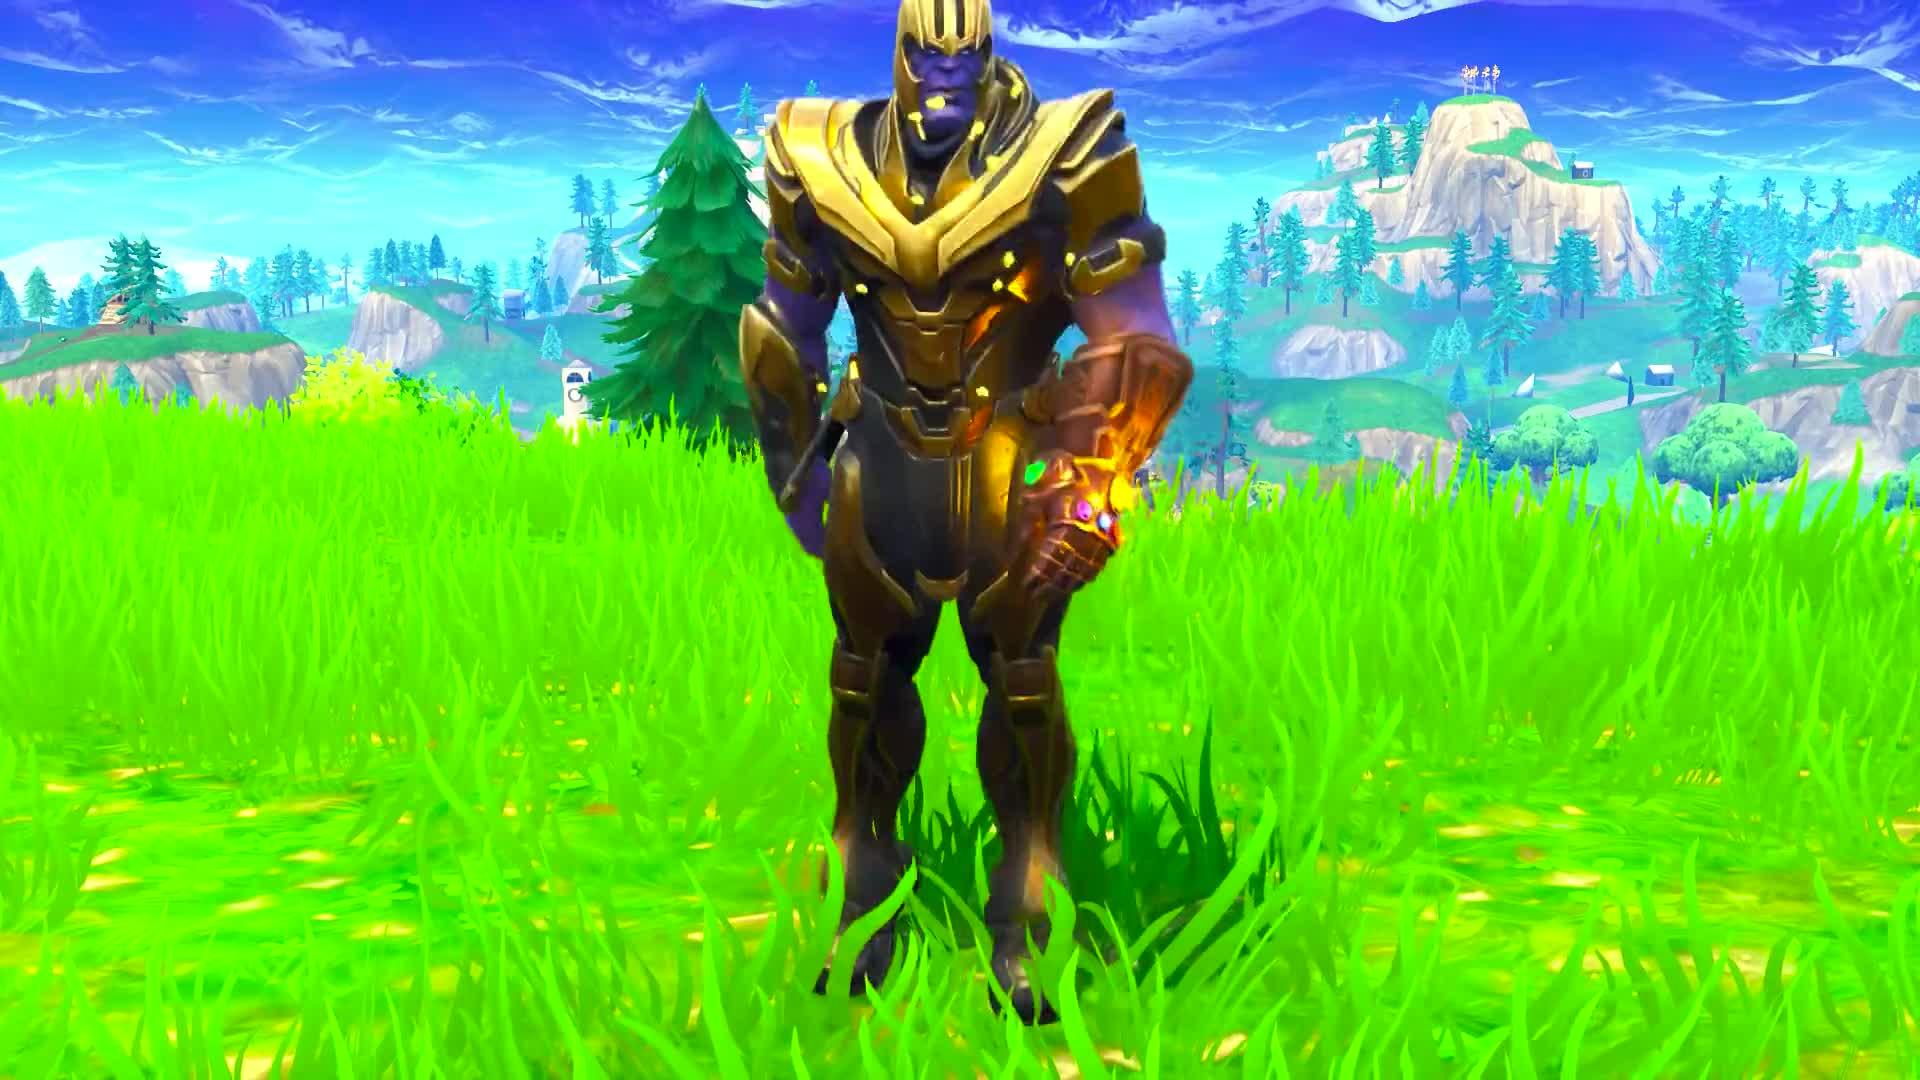 banner transparent stock Orange justice dance emote. Fortnite Thanos (orange justice)